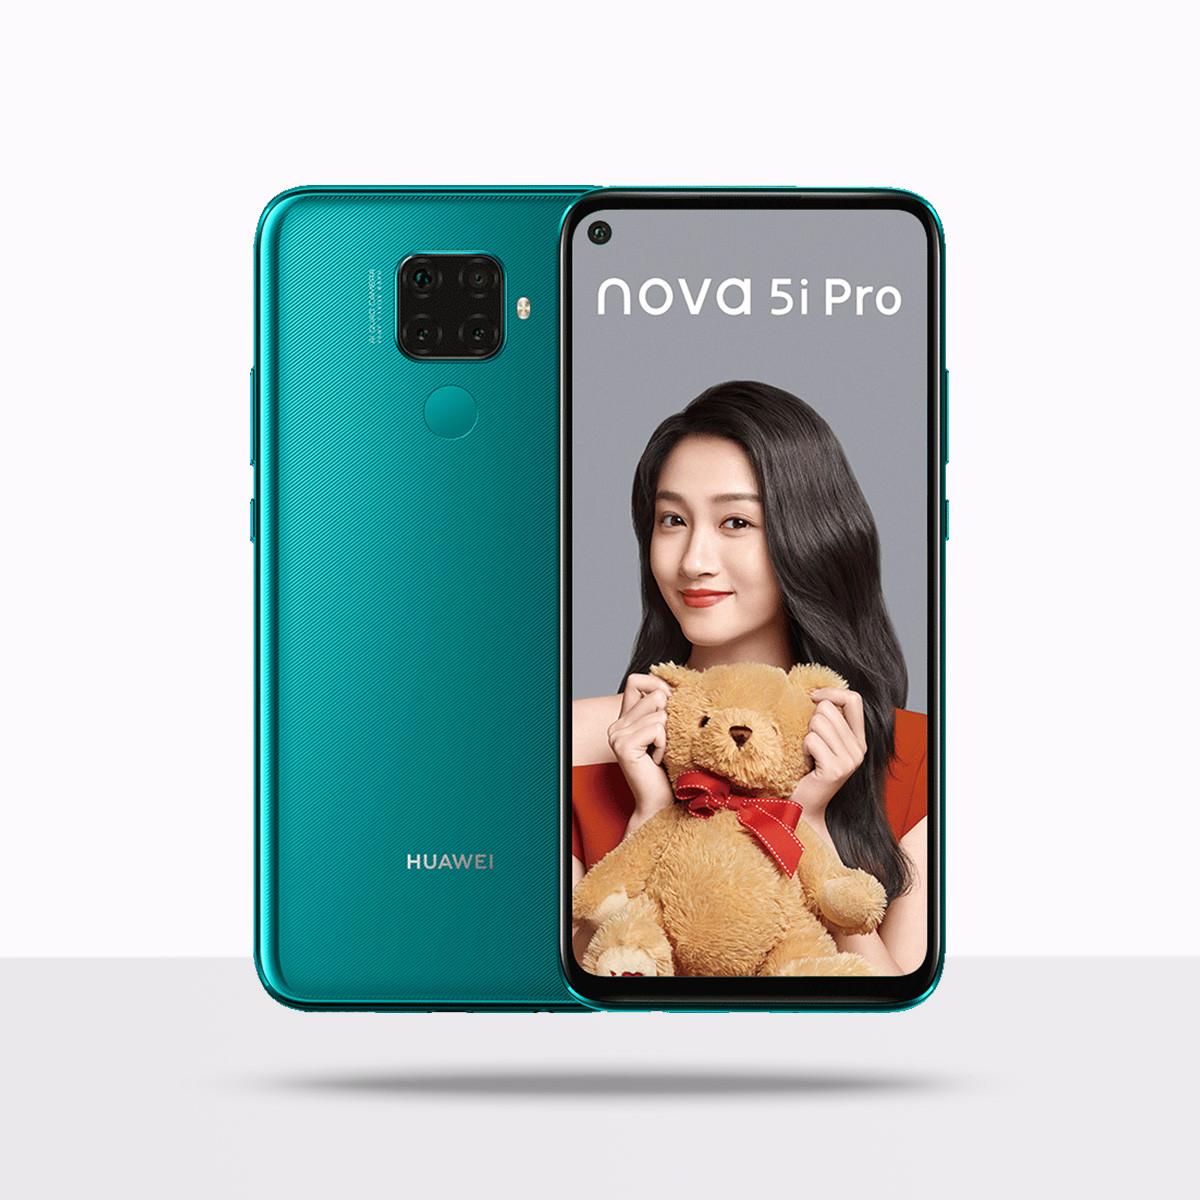 华为HUAWEI nova 5i Pro 全网通4G手机SPN-AL00C全网通8GB+256GB翡冷翠